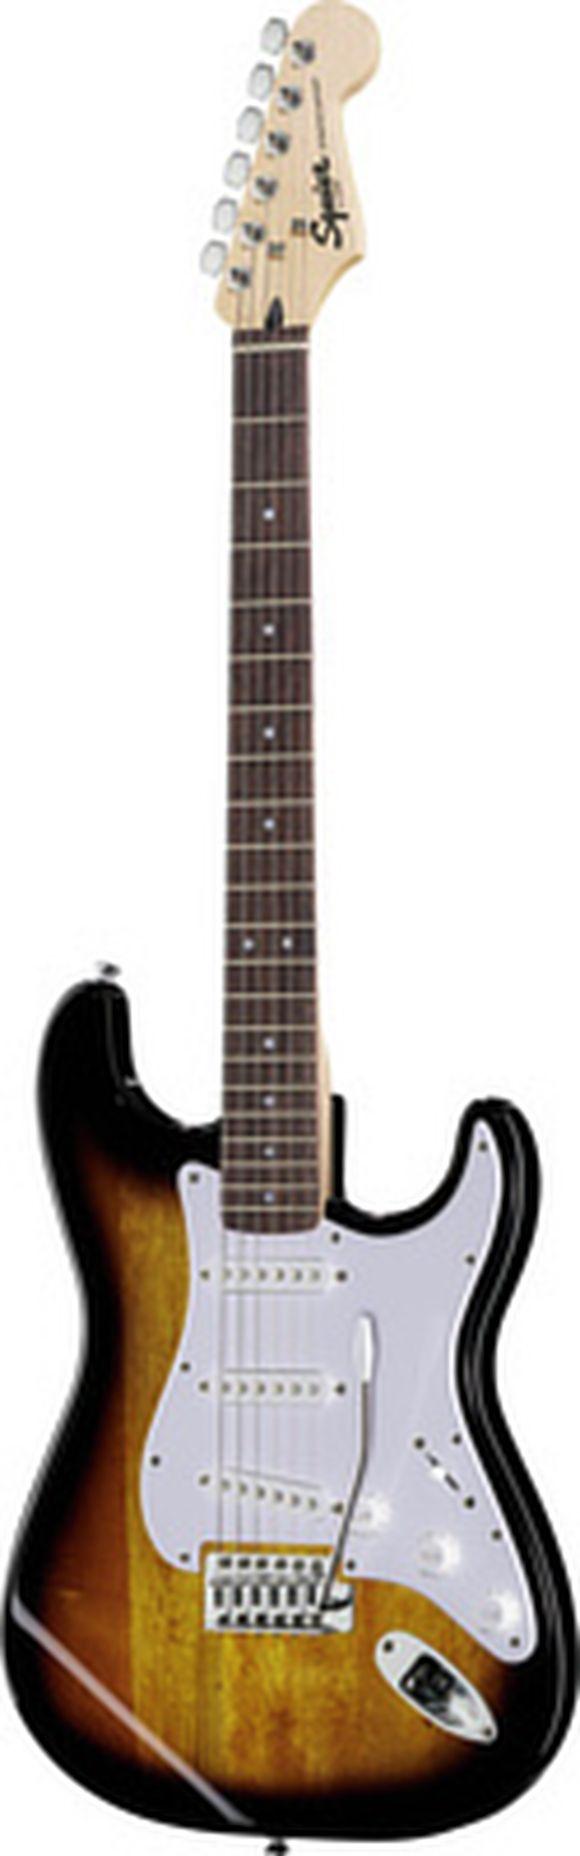 Squier Bullet Strat SB Fender